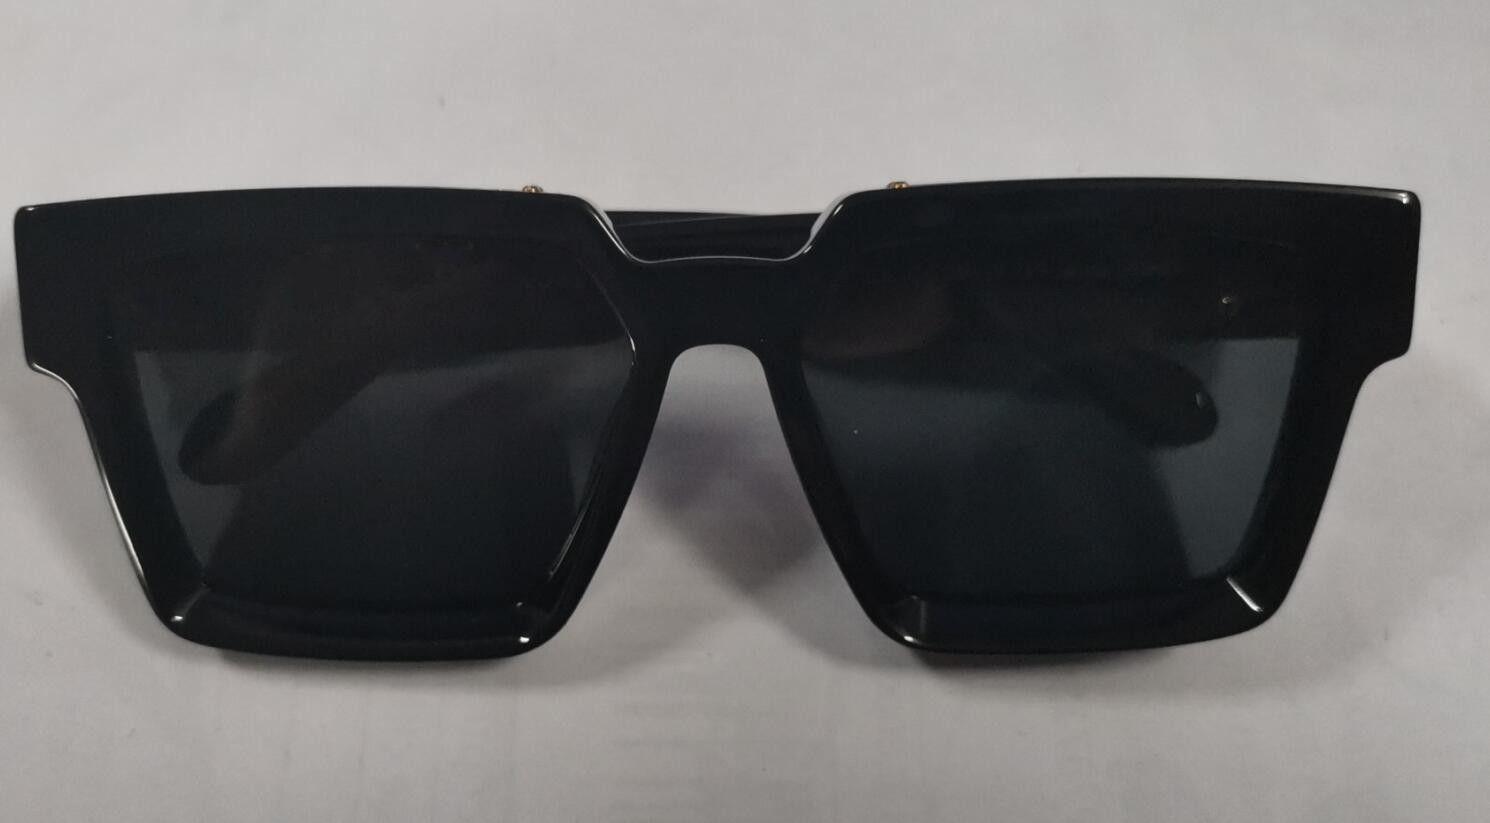 Neueste Verkauf Beliebte Mode 1165 Frauen Sonnenbrille Herren Sonnenbrille Männer Sonnenbrille Gafas de Sol Hohe Qualität Sonnenbrille UV400 Objektiv